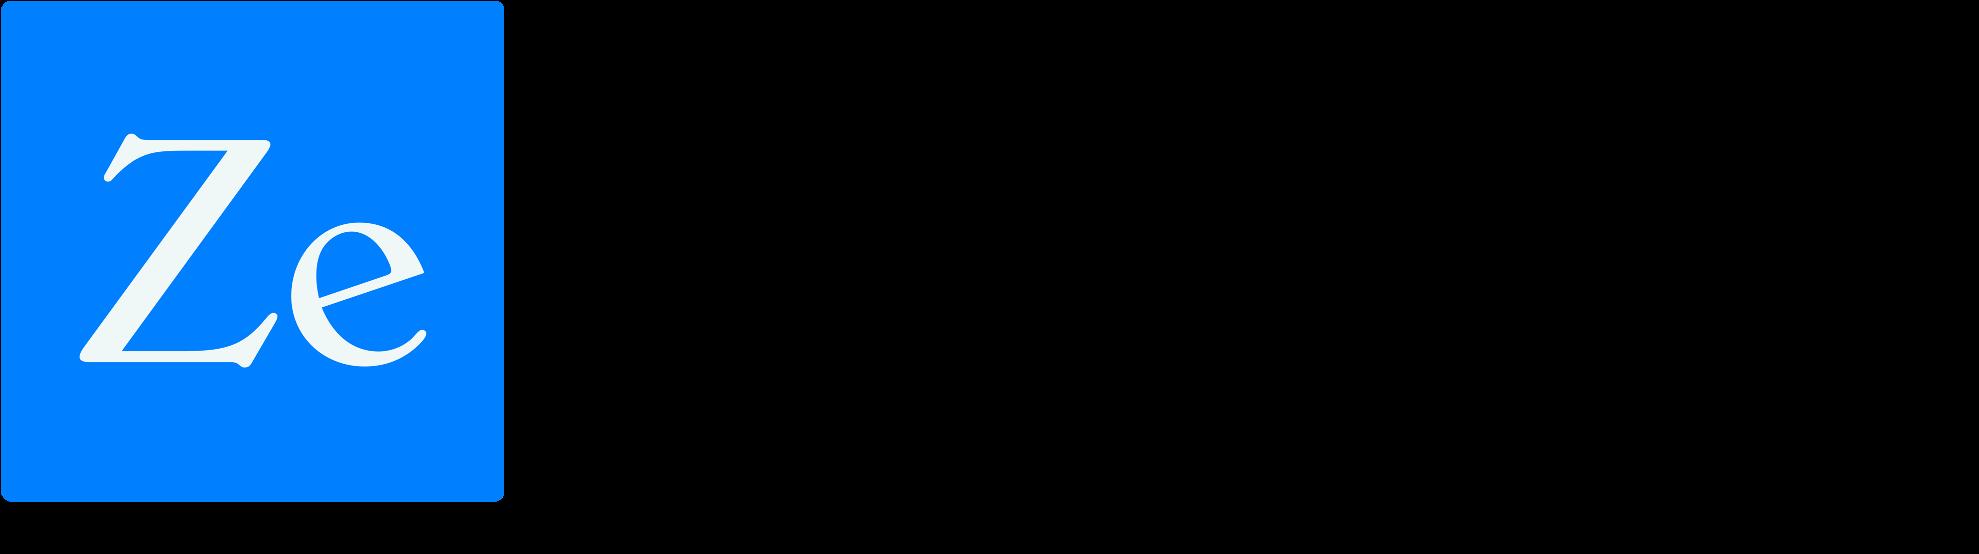 Zebrium